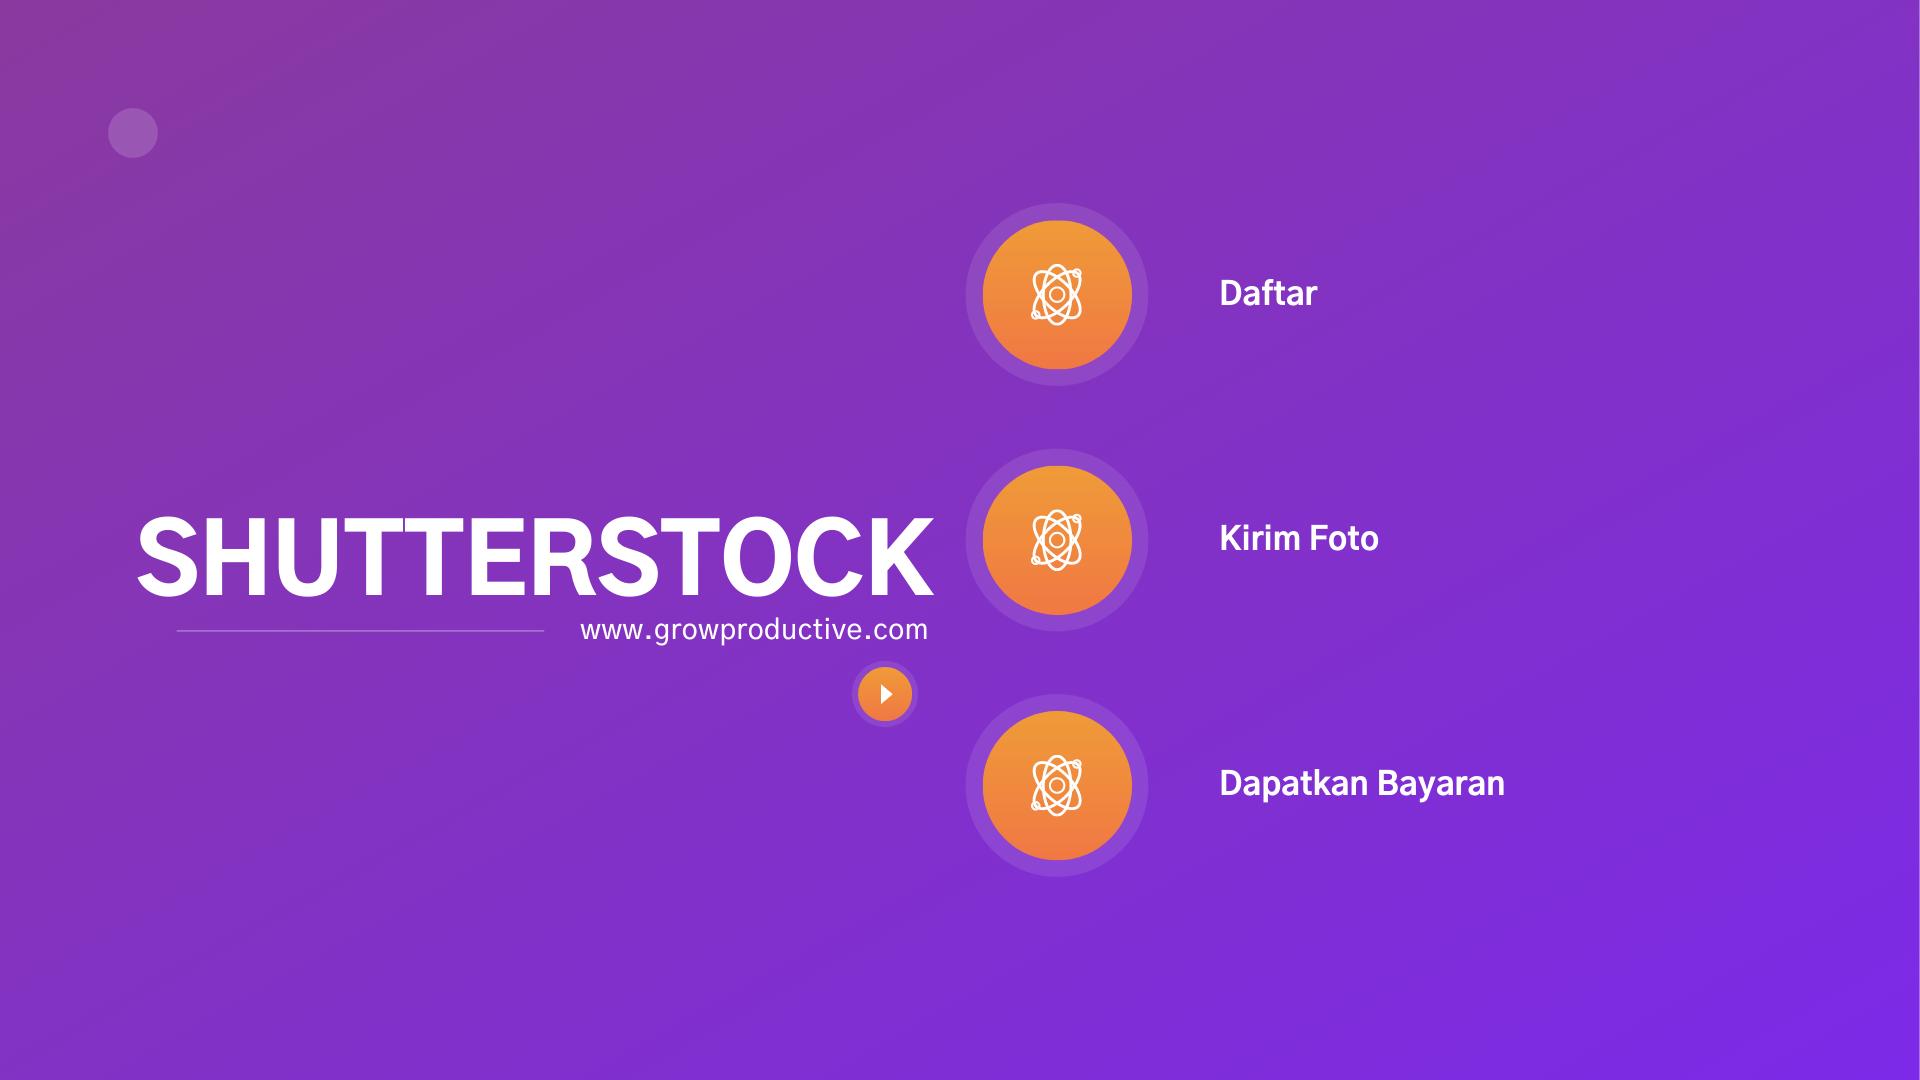 Daftar Shutterstock